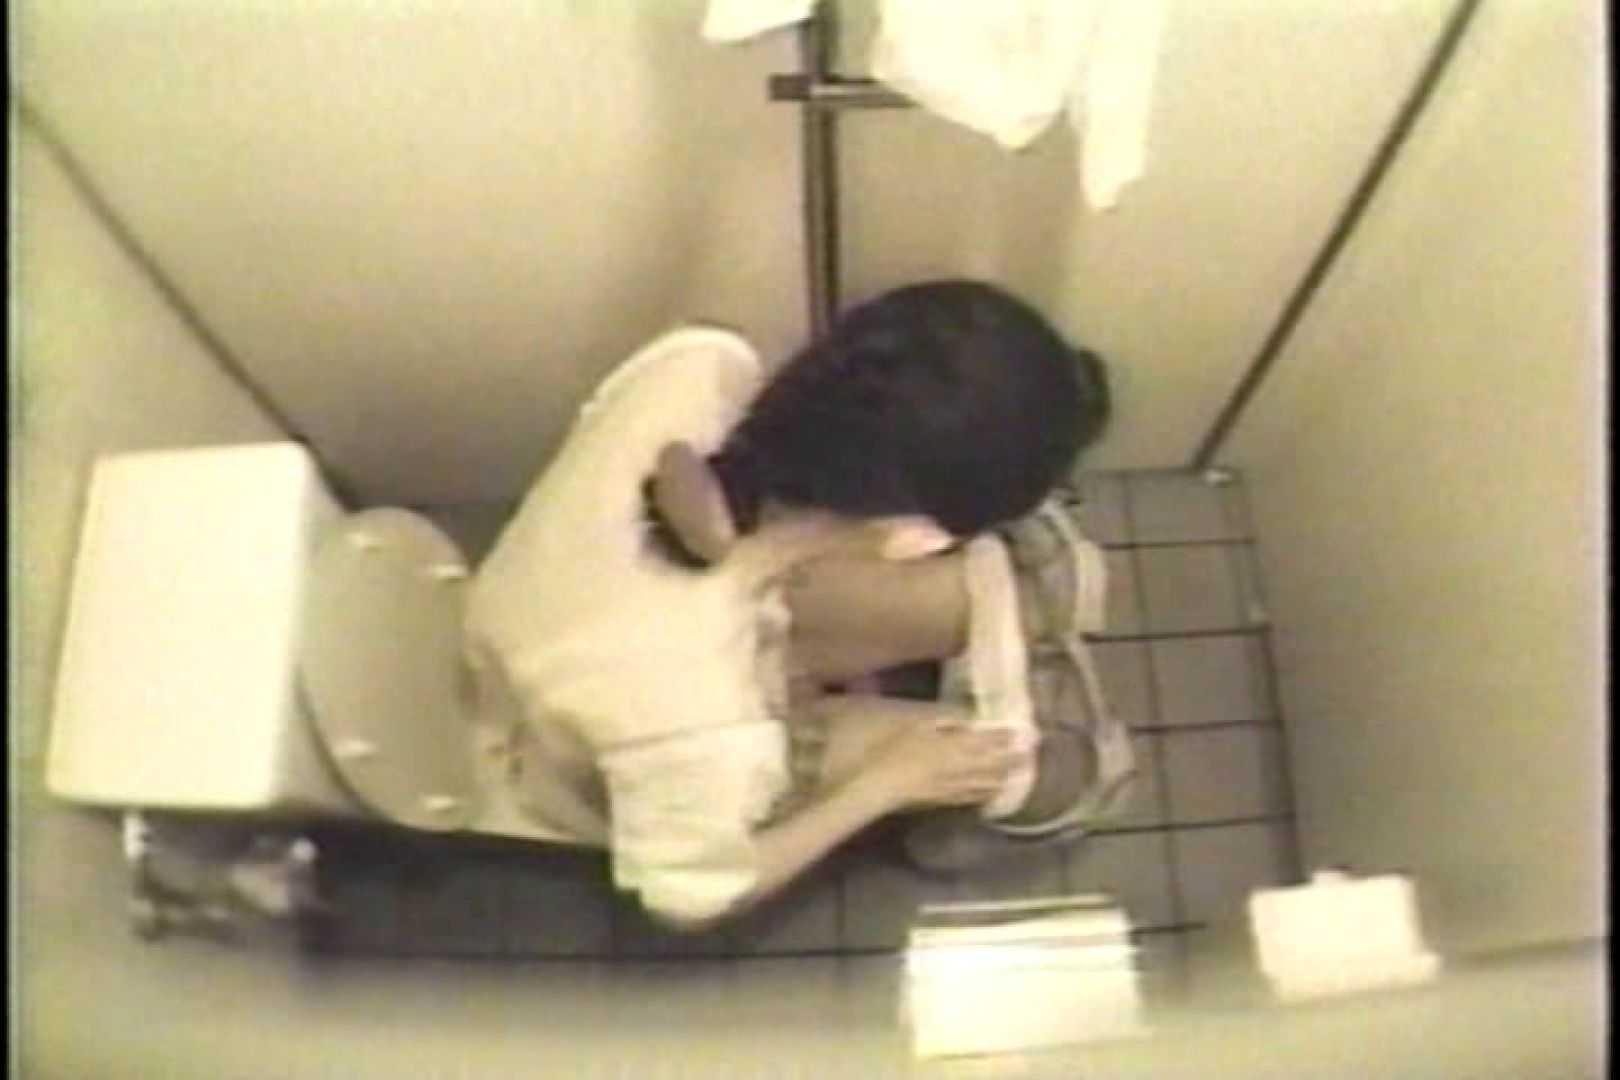 盗撮 女子洗面所3ヶ所入ってしゃがんで音出して 女体盗撮 のぞきエロ無料画像 109連発 106